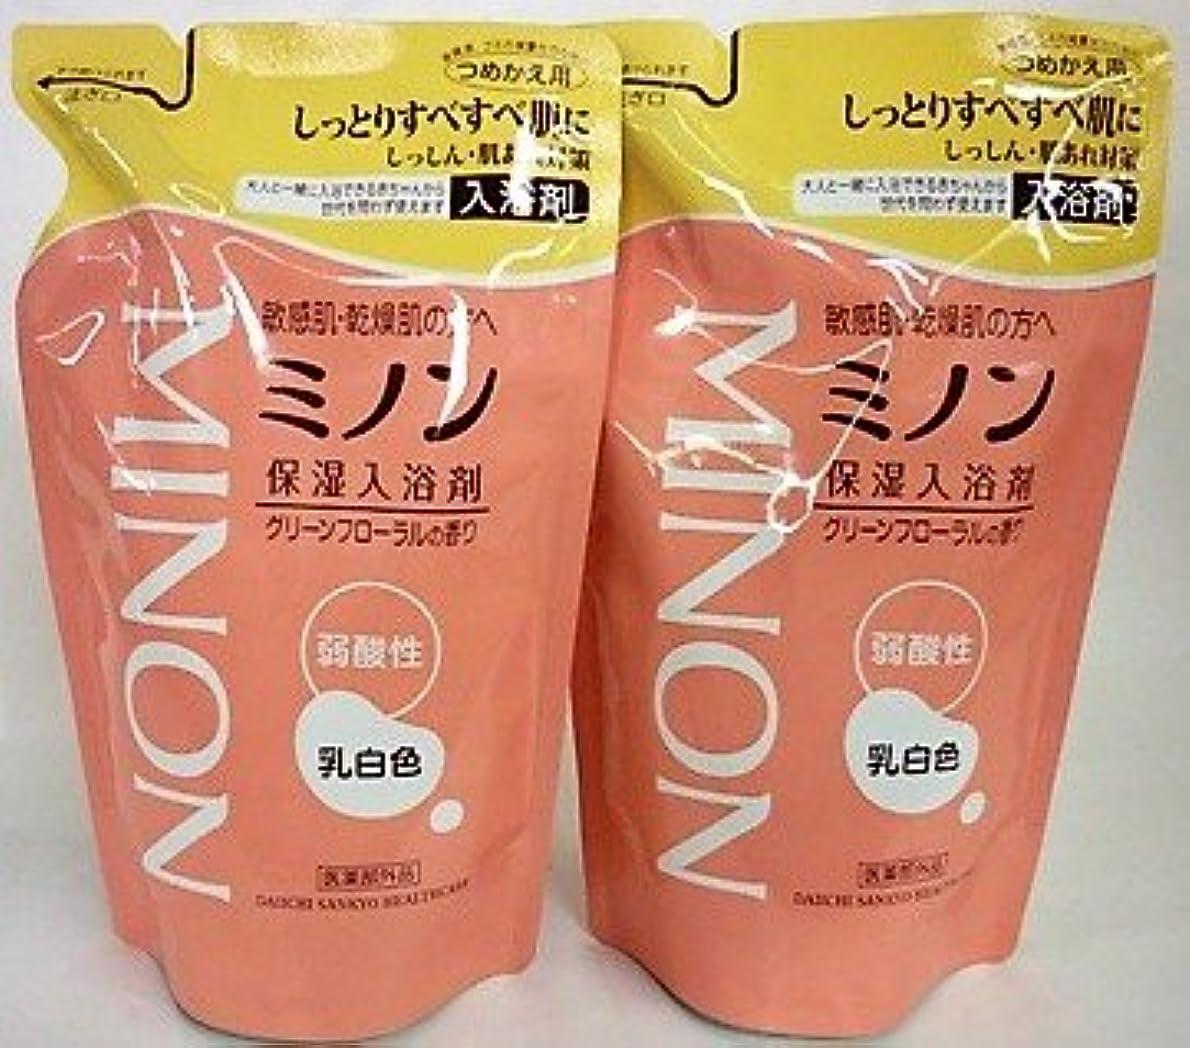 酒強調チャーター[2個セット]ミノン 薬用保湿入浴剤 詰替 400mL入り×2個